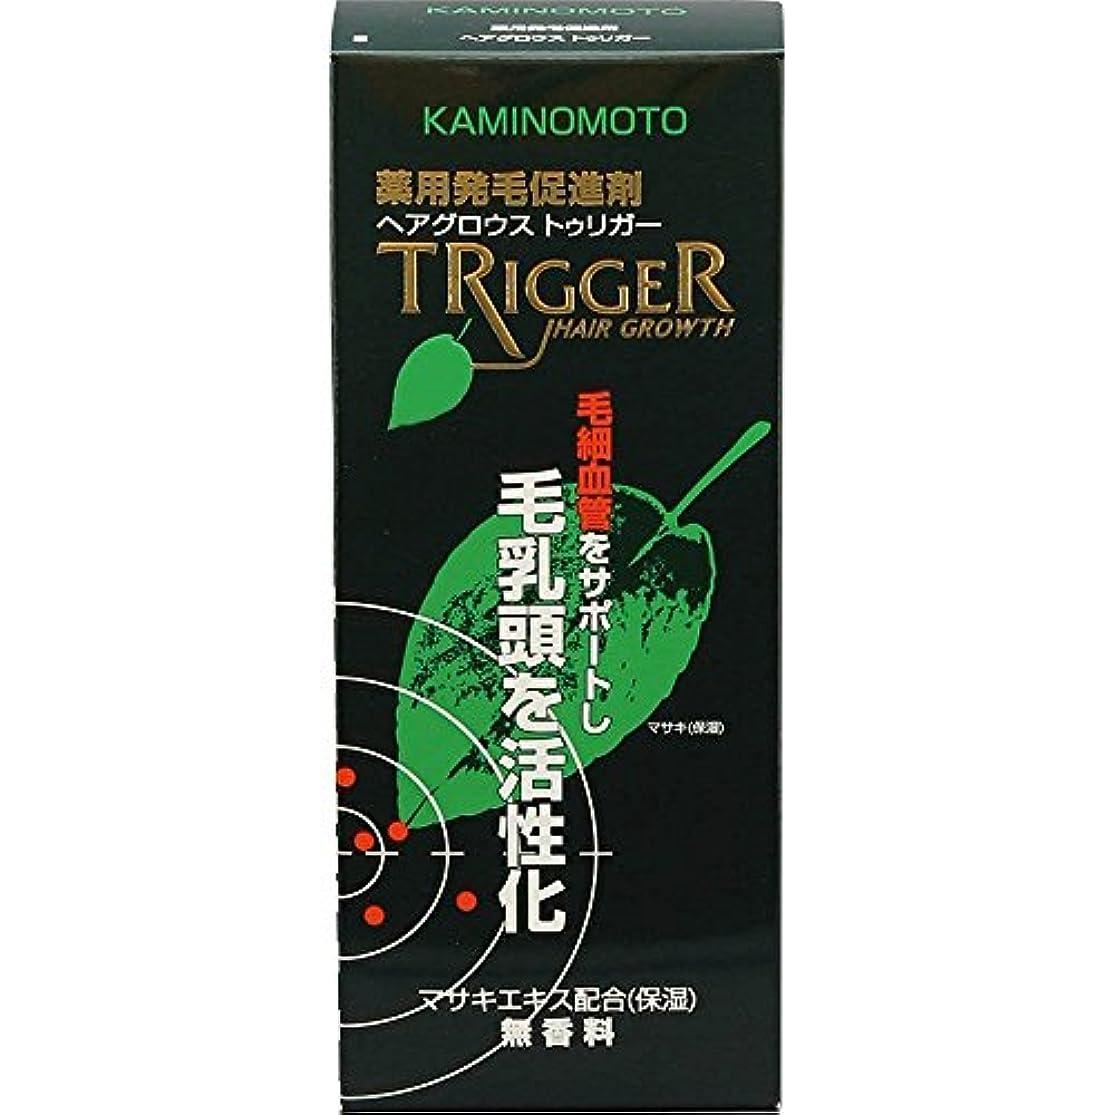 フレット待つ強調薬用加美乃素 ヘアグロウス トゥリガー 無香料 180mL×6個